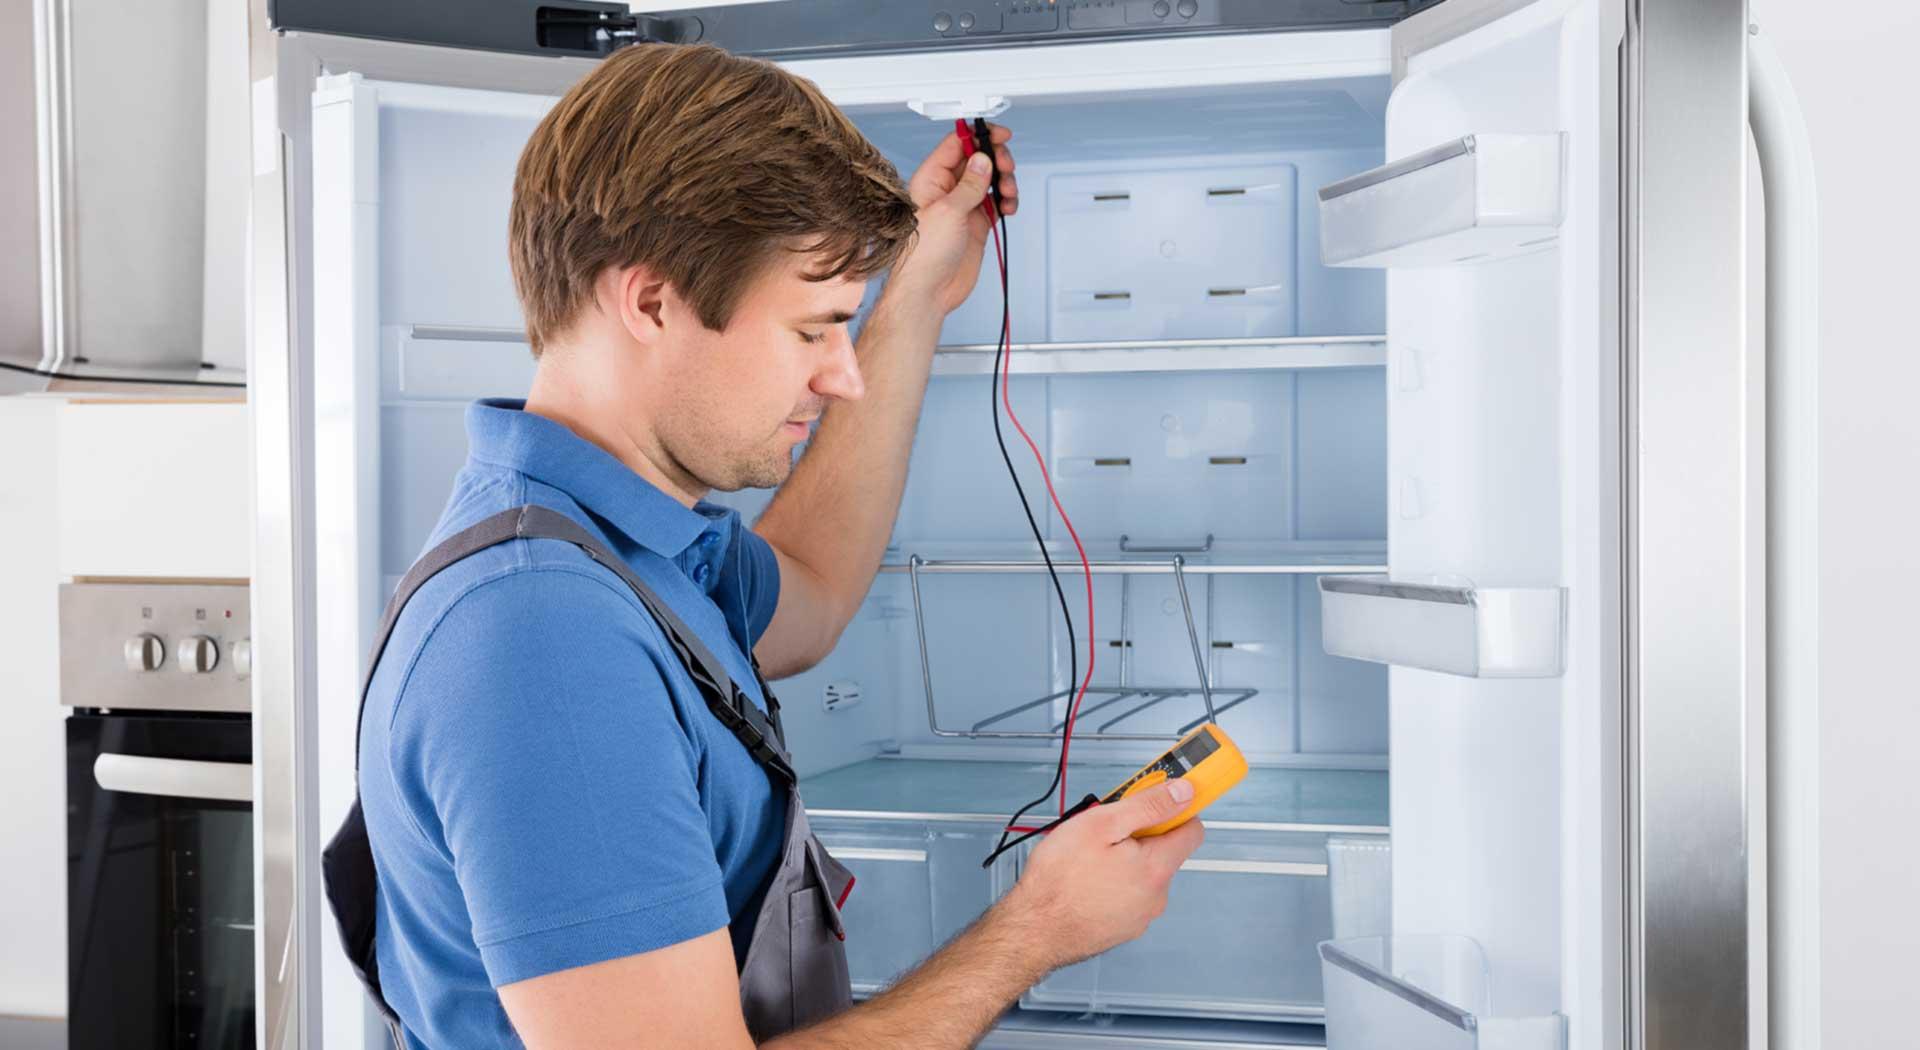 Servicio Técnico de Electrodomésticos AEG en Sevilla